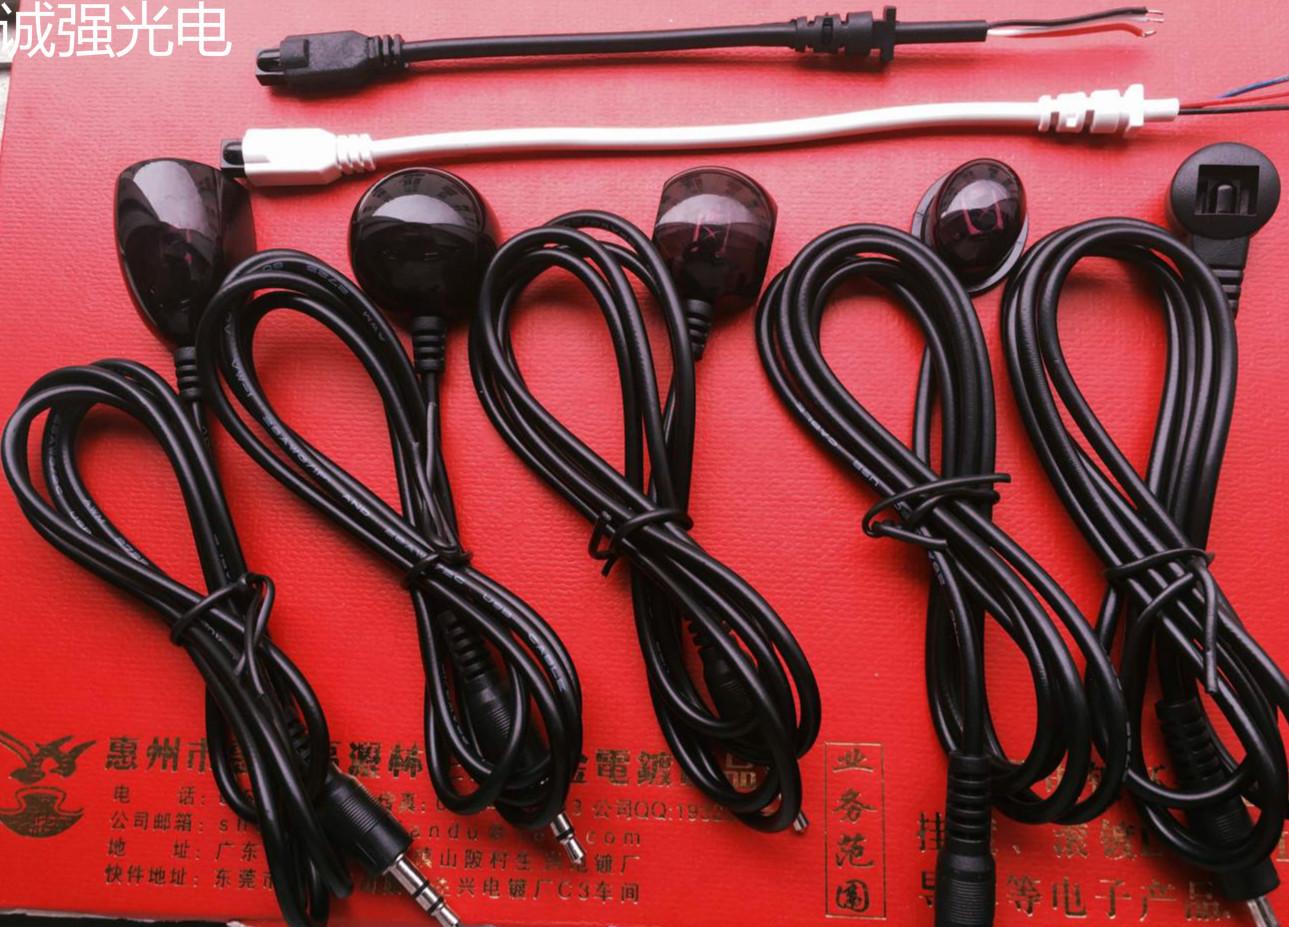 灯条控制器红外线遥控延长线 CHQ 光学接收器件 远红外 连续式 电激励式